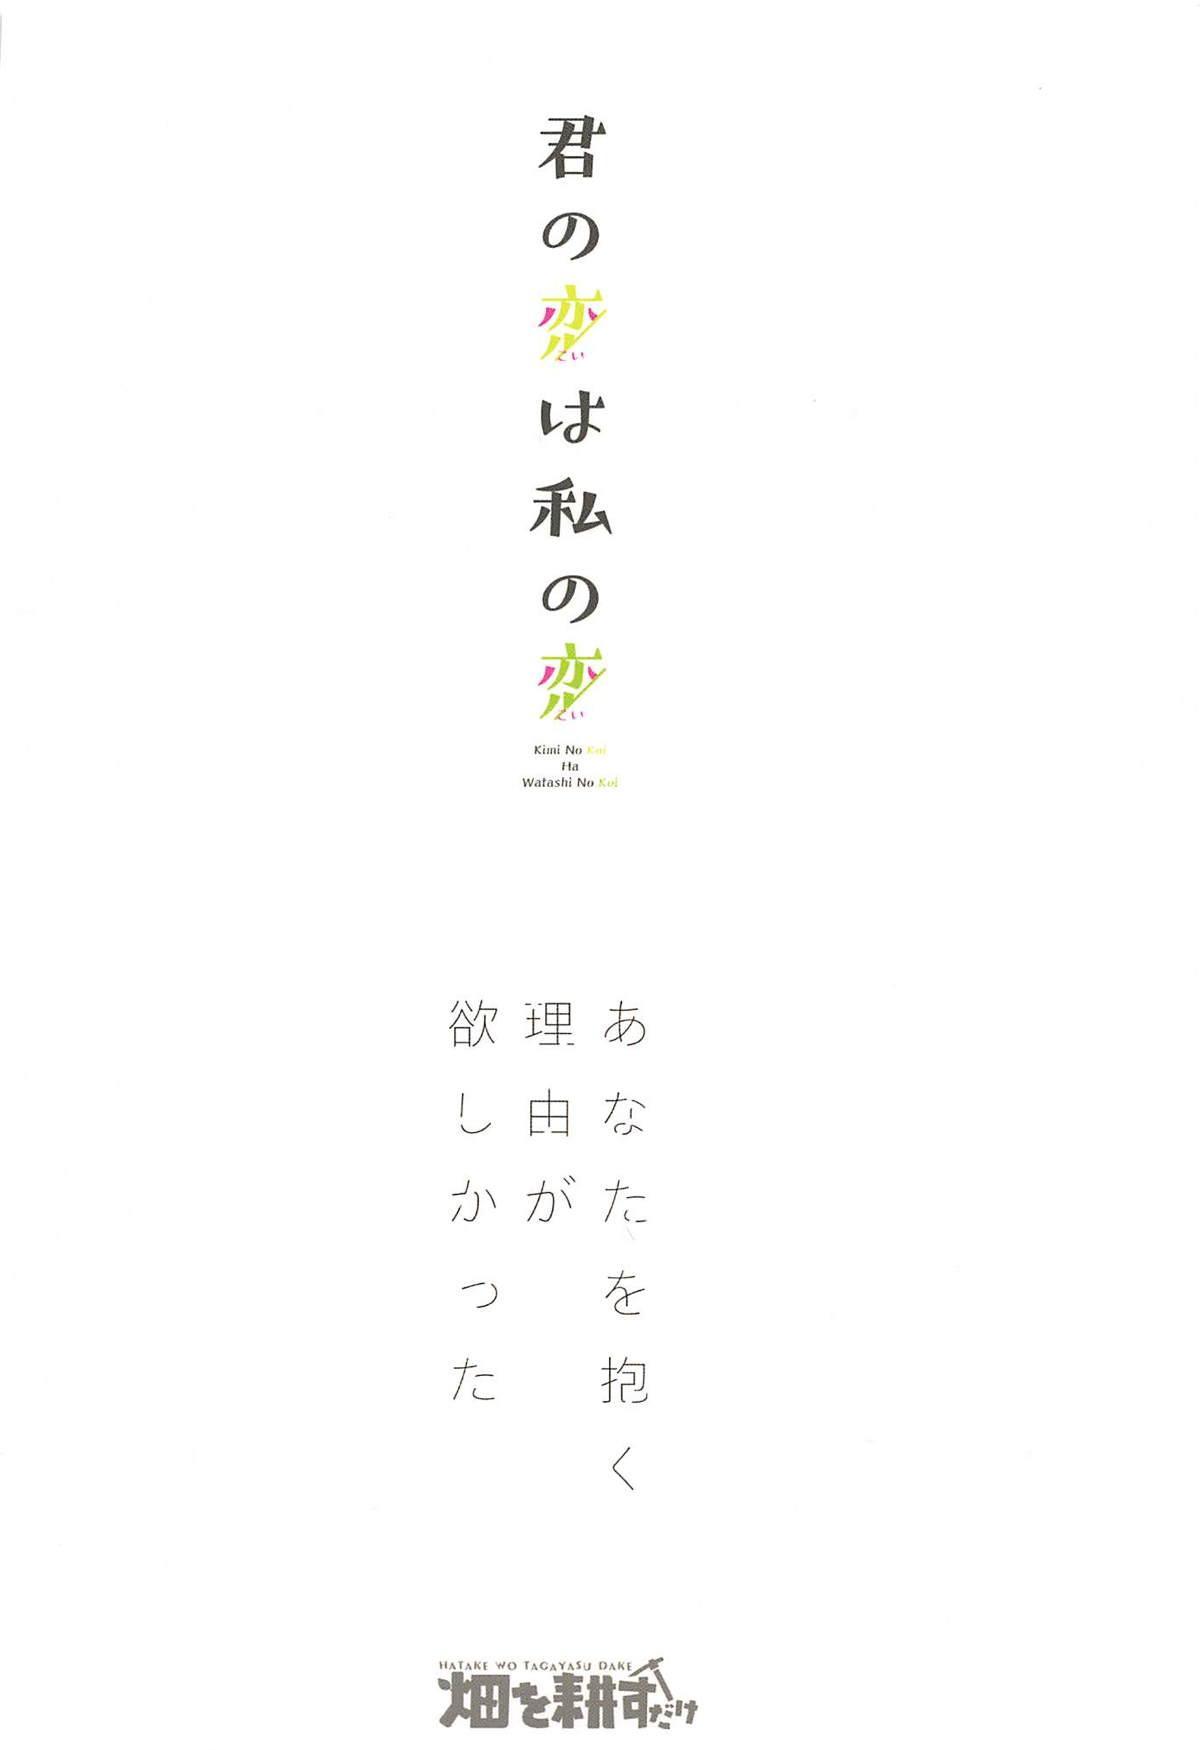 Kimi no Koi wa Watashi no Koi 33